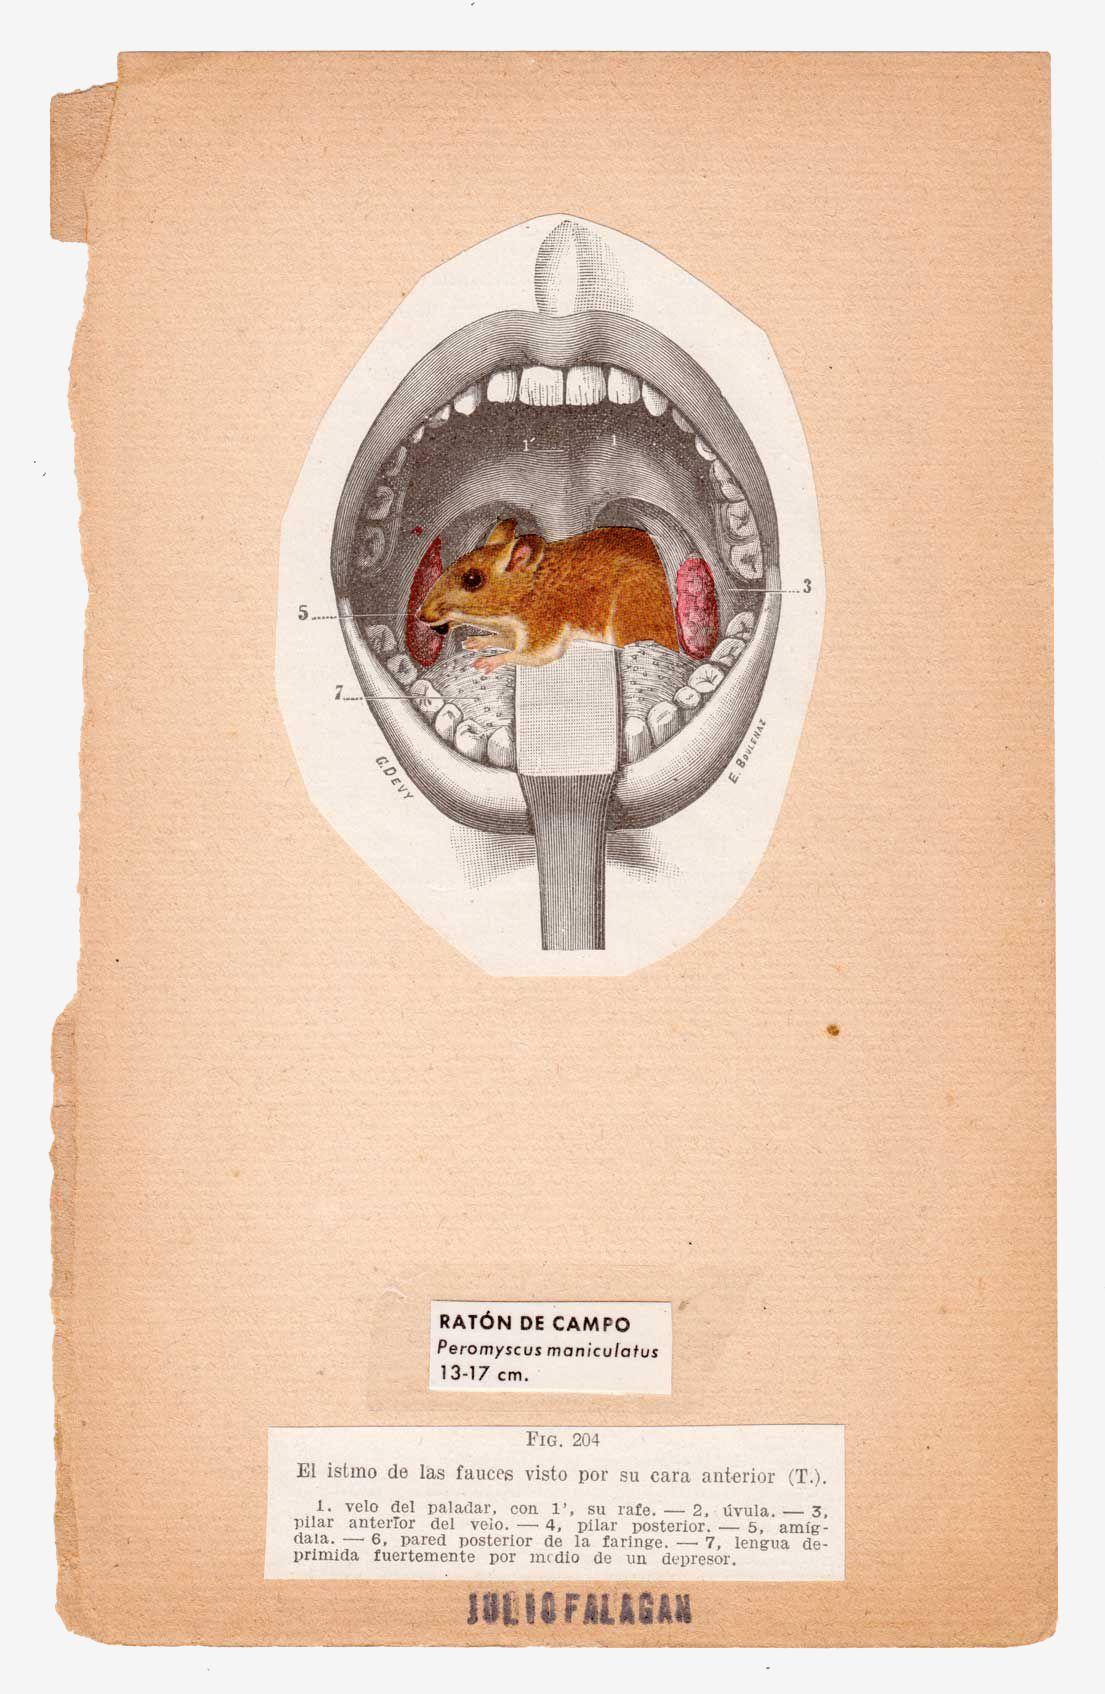 anatomia-silvestre-raton-julio-falagan | Collage | Pinterest ...